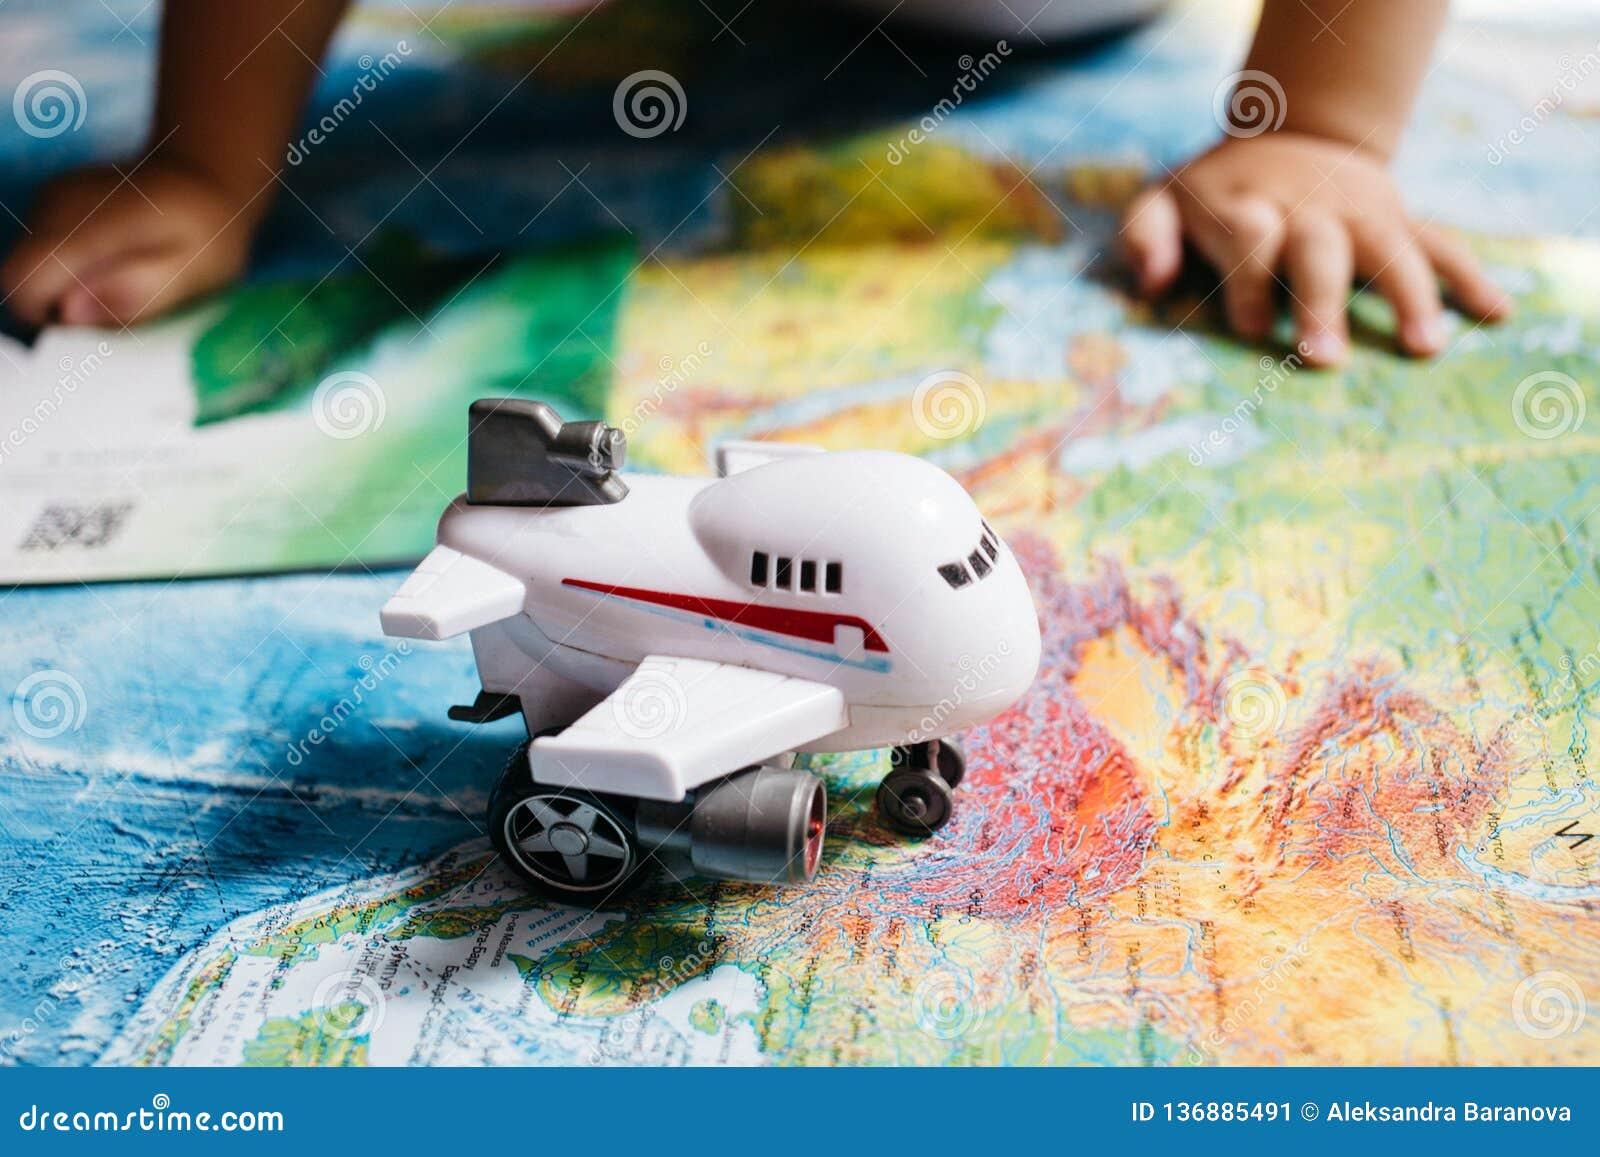 Un pequeño bebé que juega con un juguete de los aviones en el mapa del mundo, manos de los childs, viaje con los niños